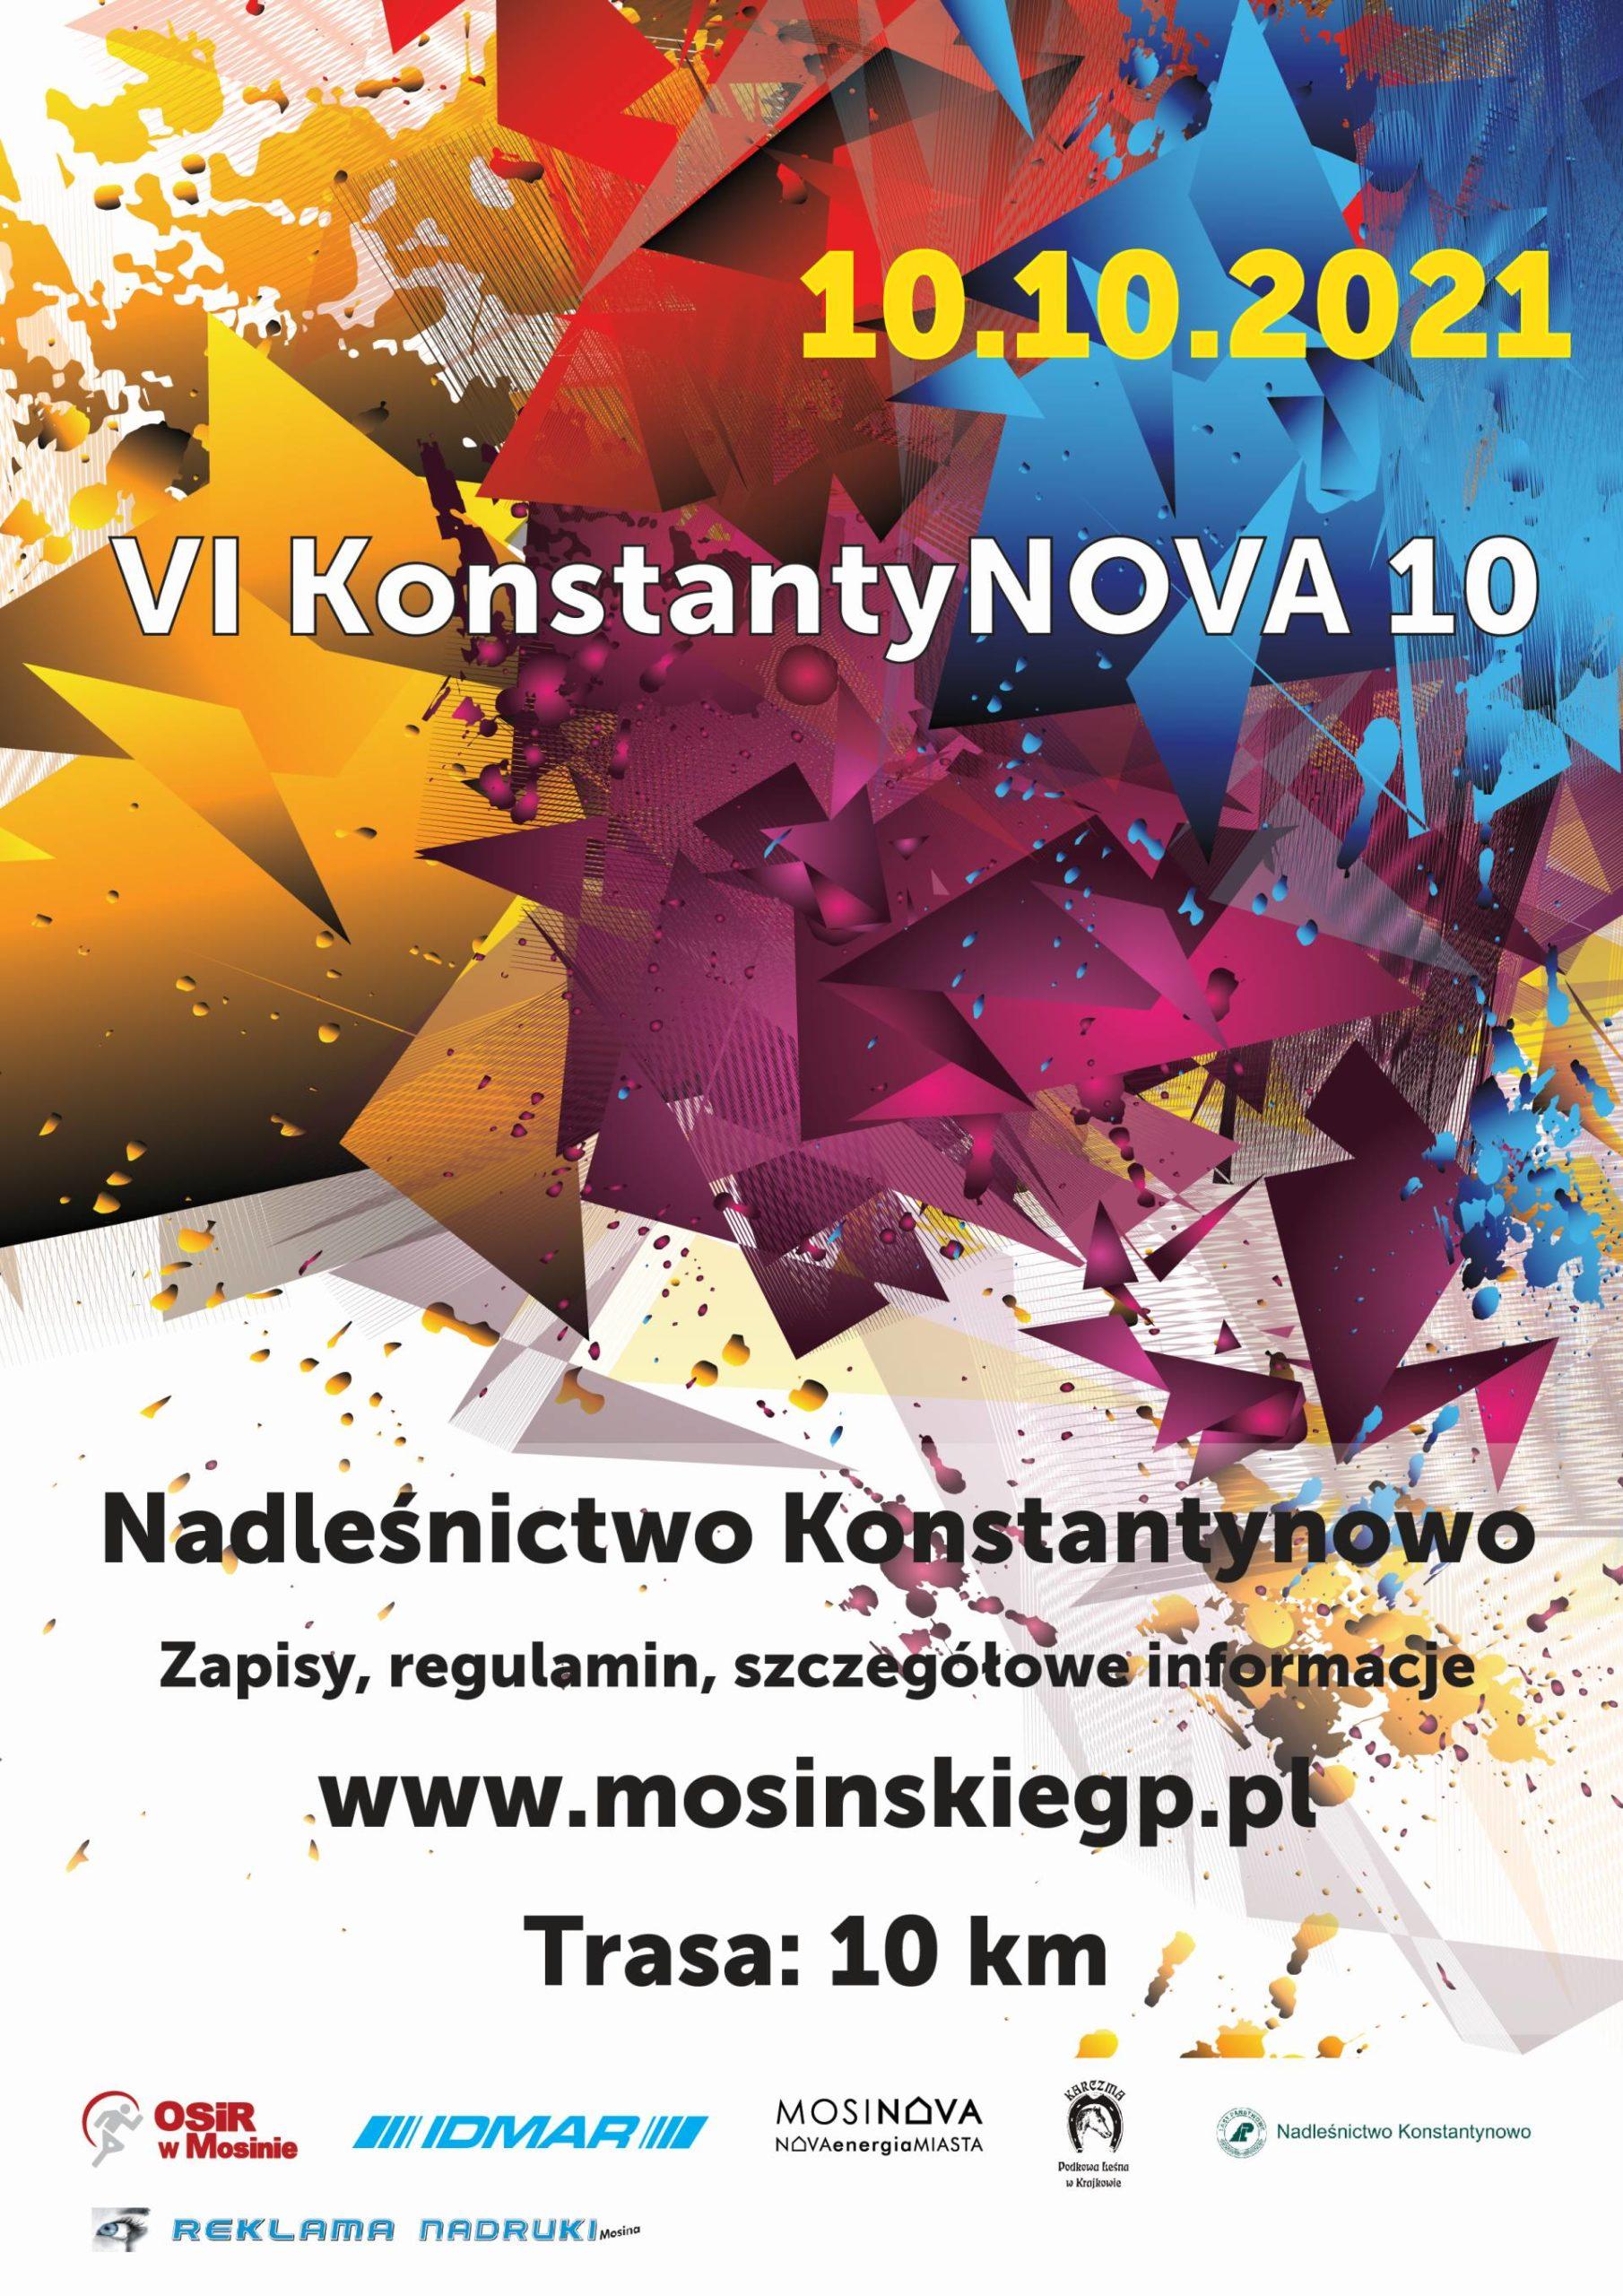 Plakat informujący o biegu - 6 Konstantynowa dziesiątka